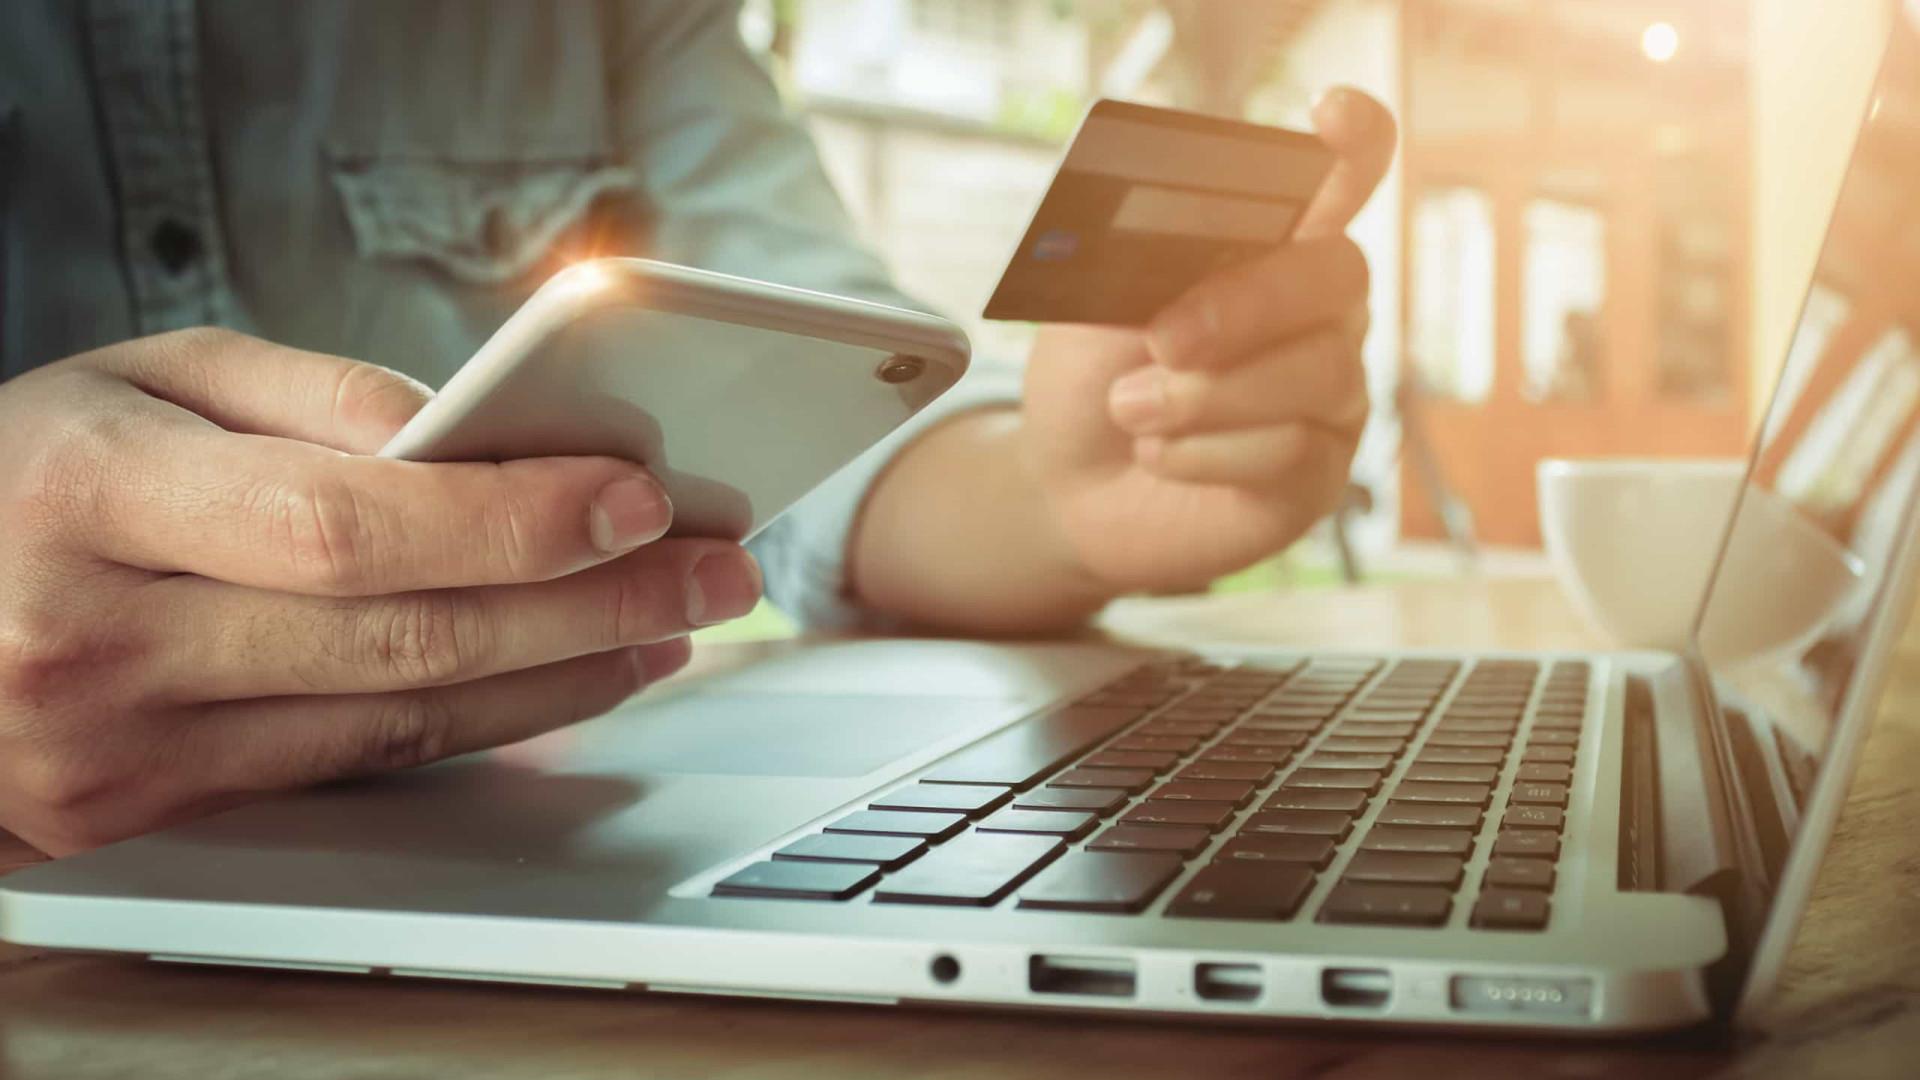 Bancos digitais se aproximam de super apps para atrair clientes